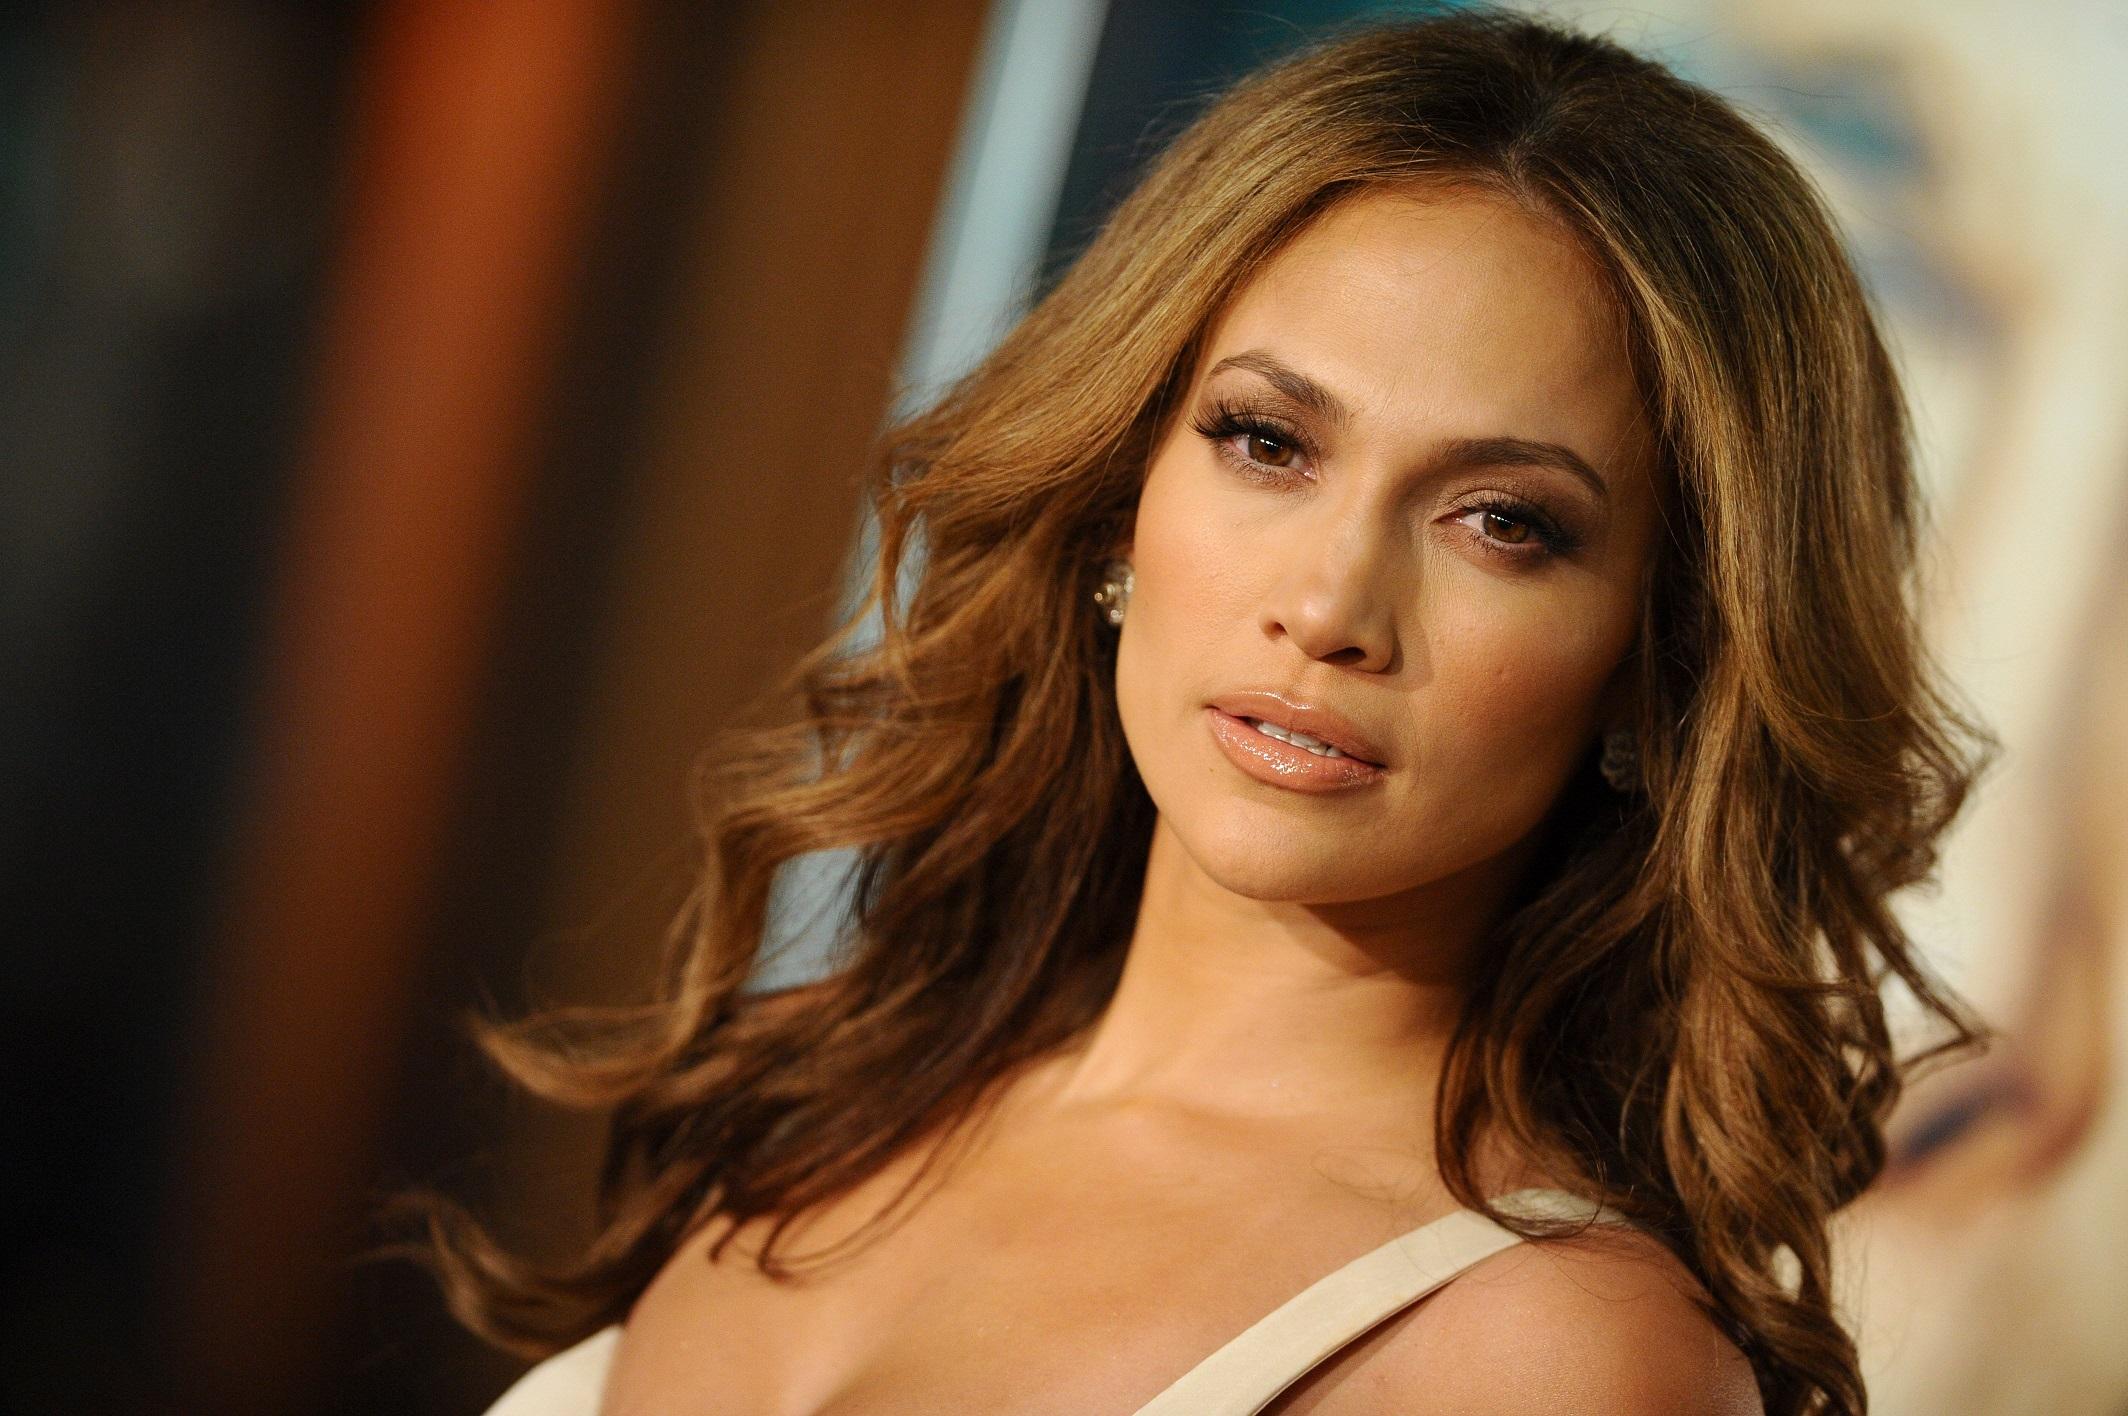 Feelin' So Good - Jennifer Lopez